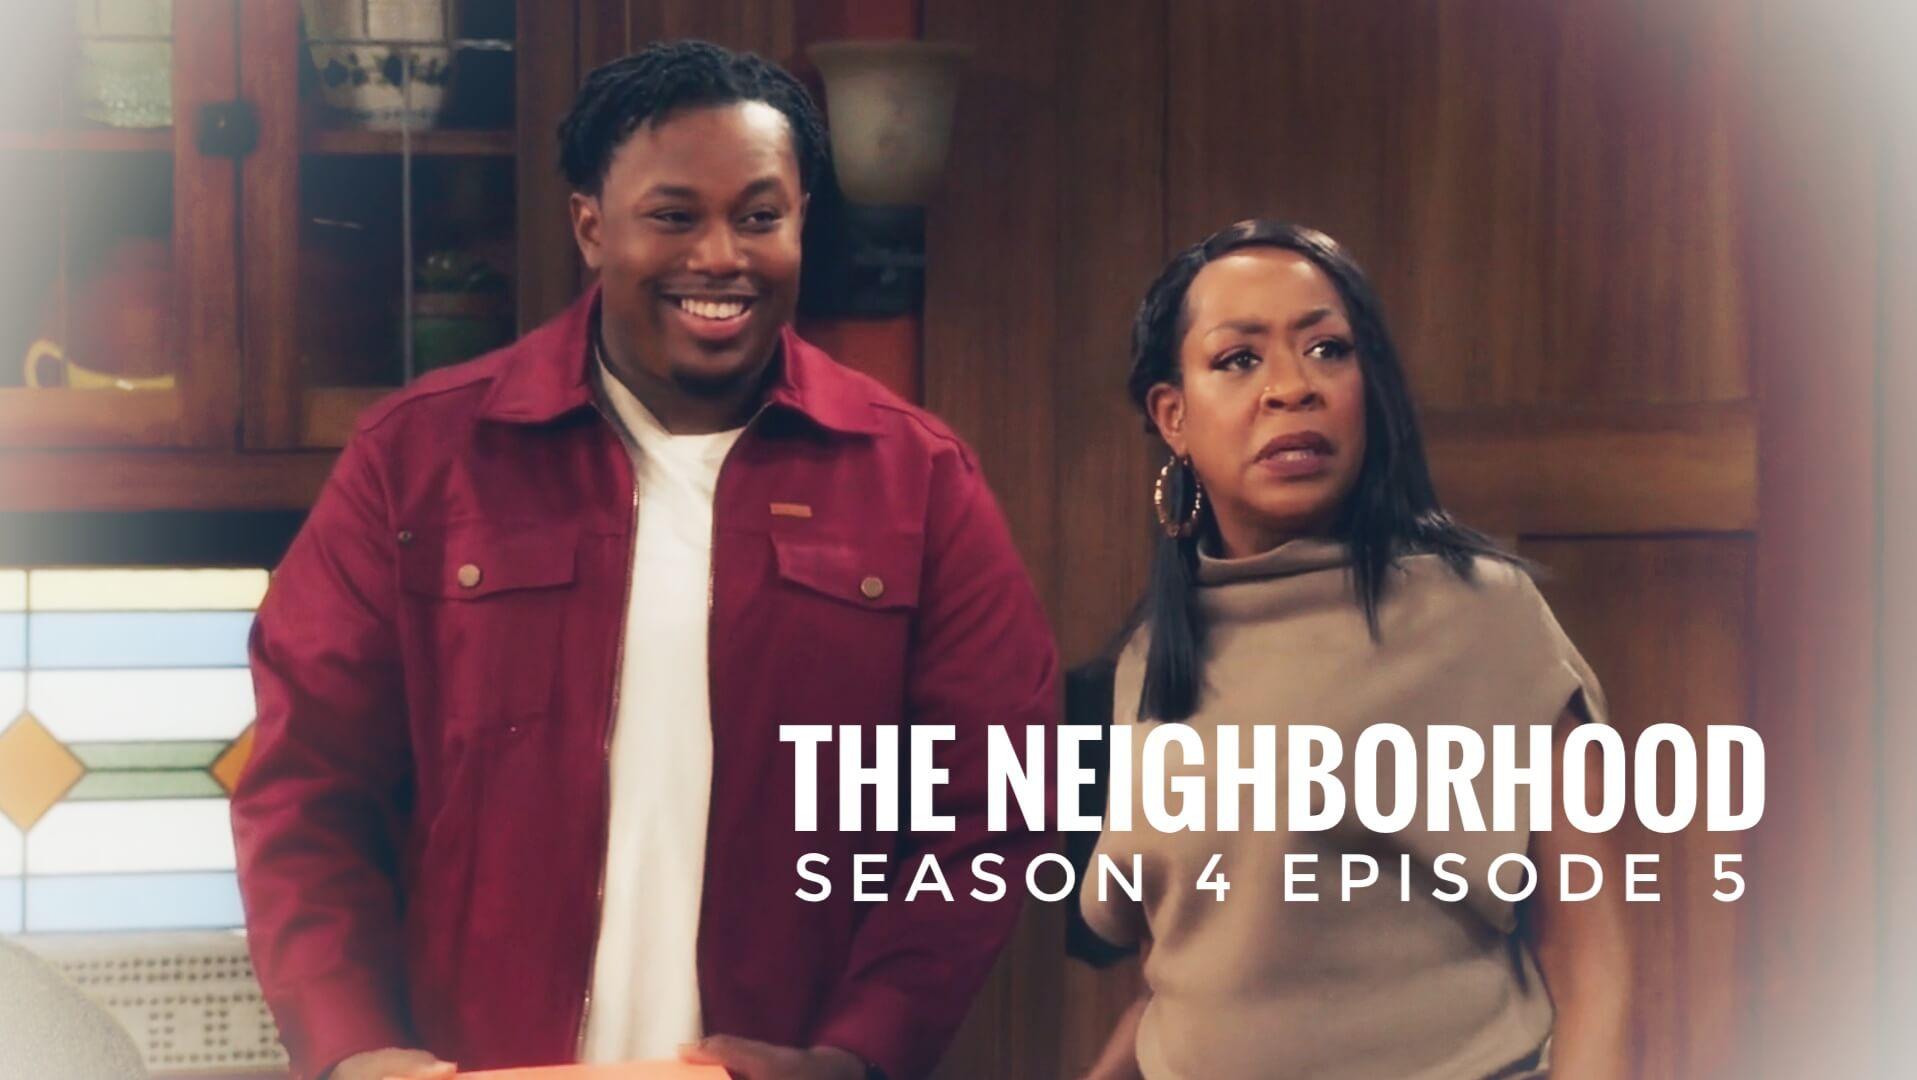 The Neighborhood Season 4 Episode 5 Release Date